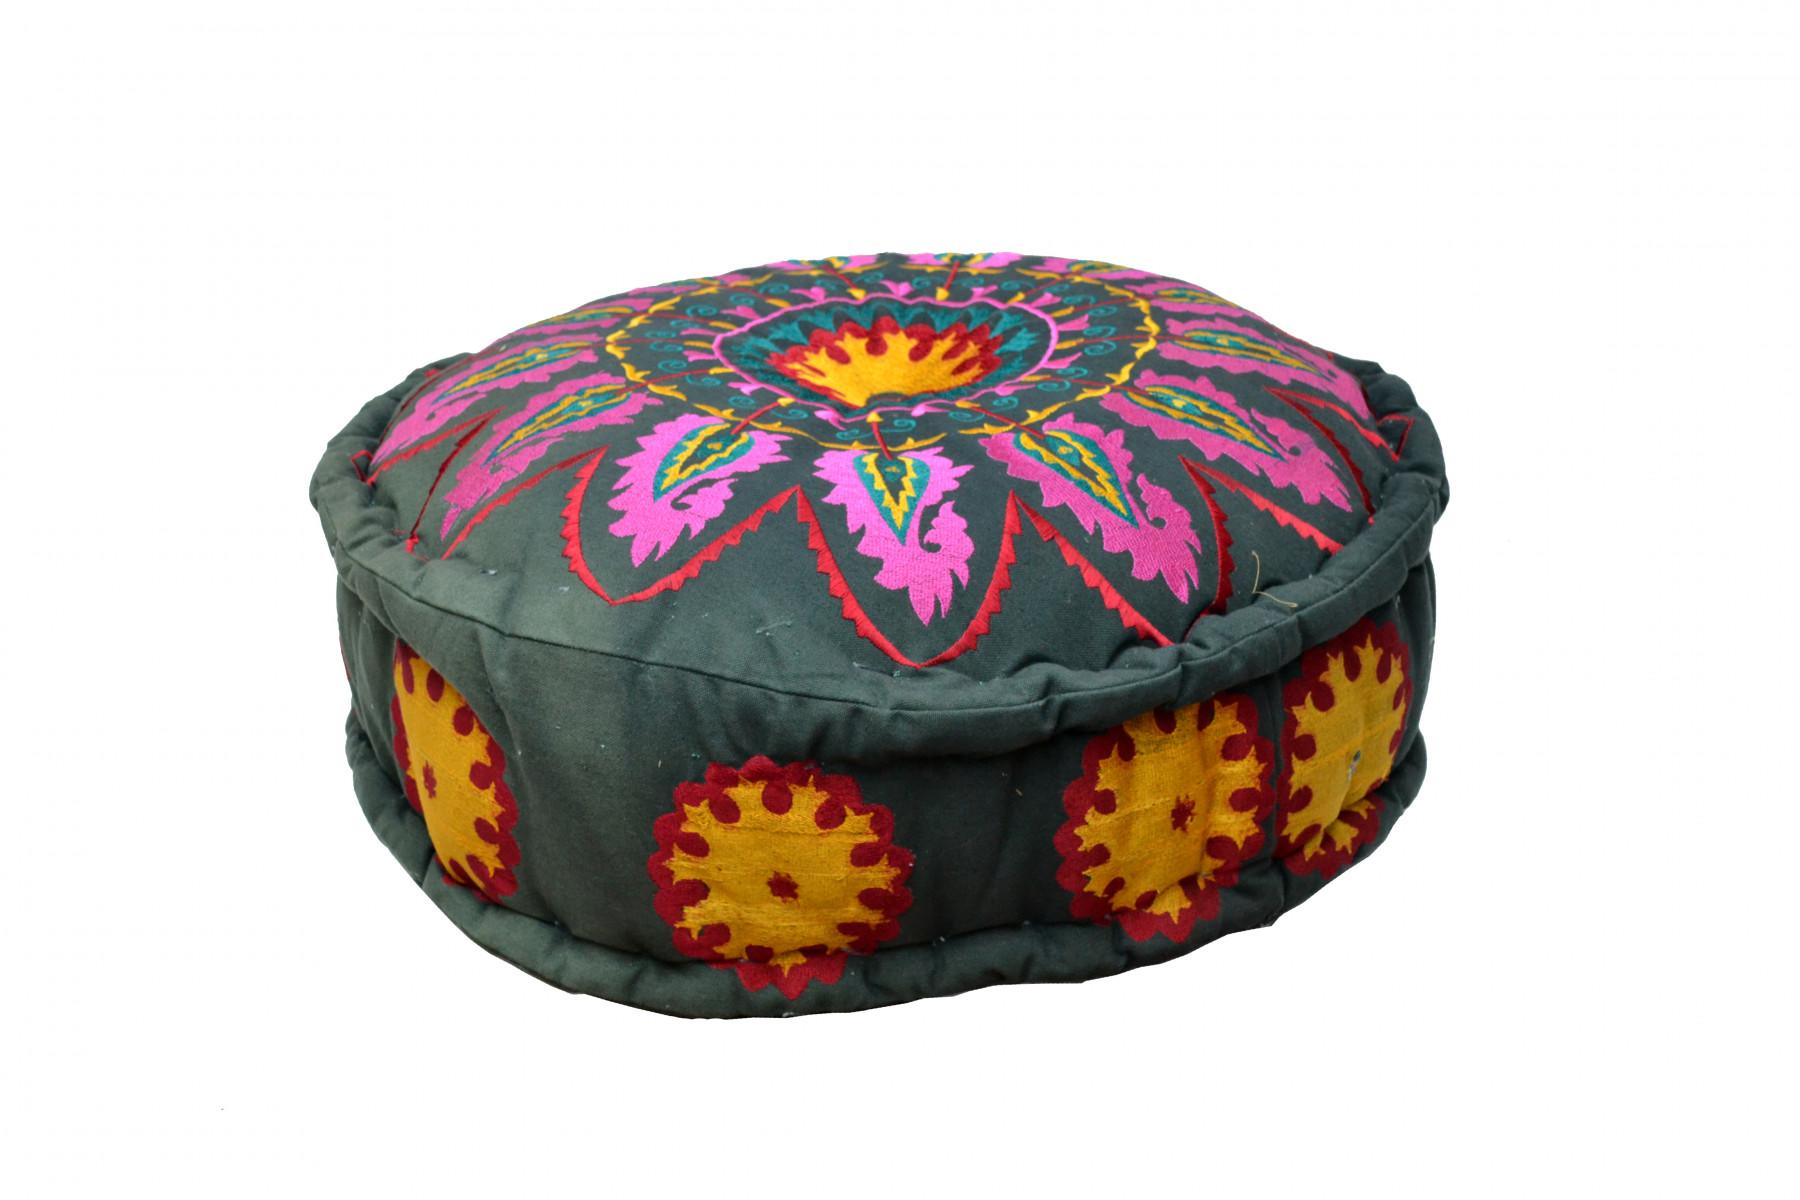 Pouf noir en fleur de coton - broderie de couleurs - Inde du Nord 1